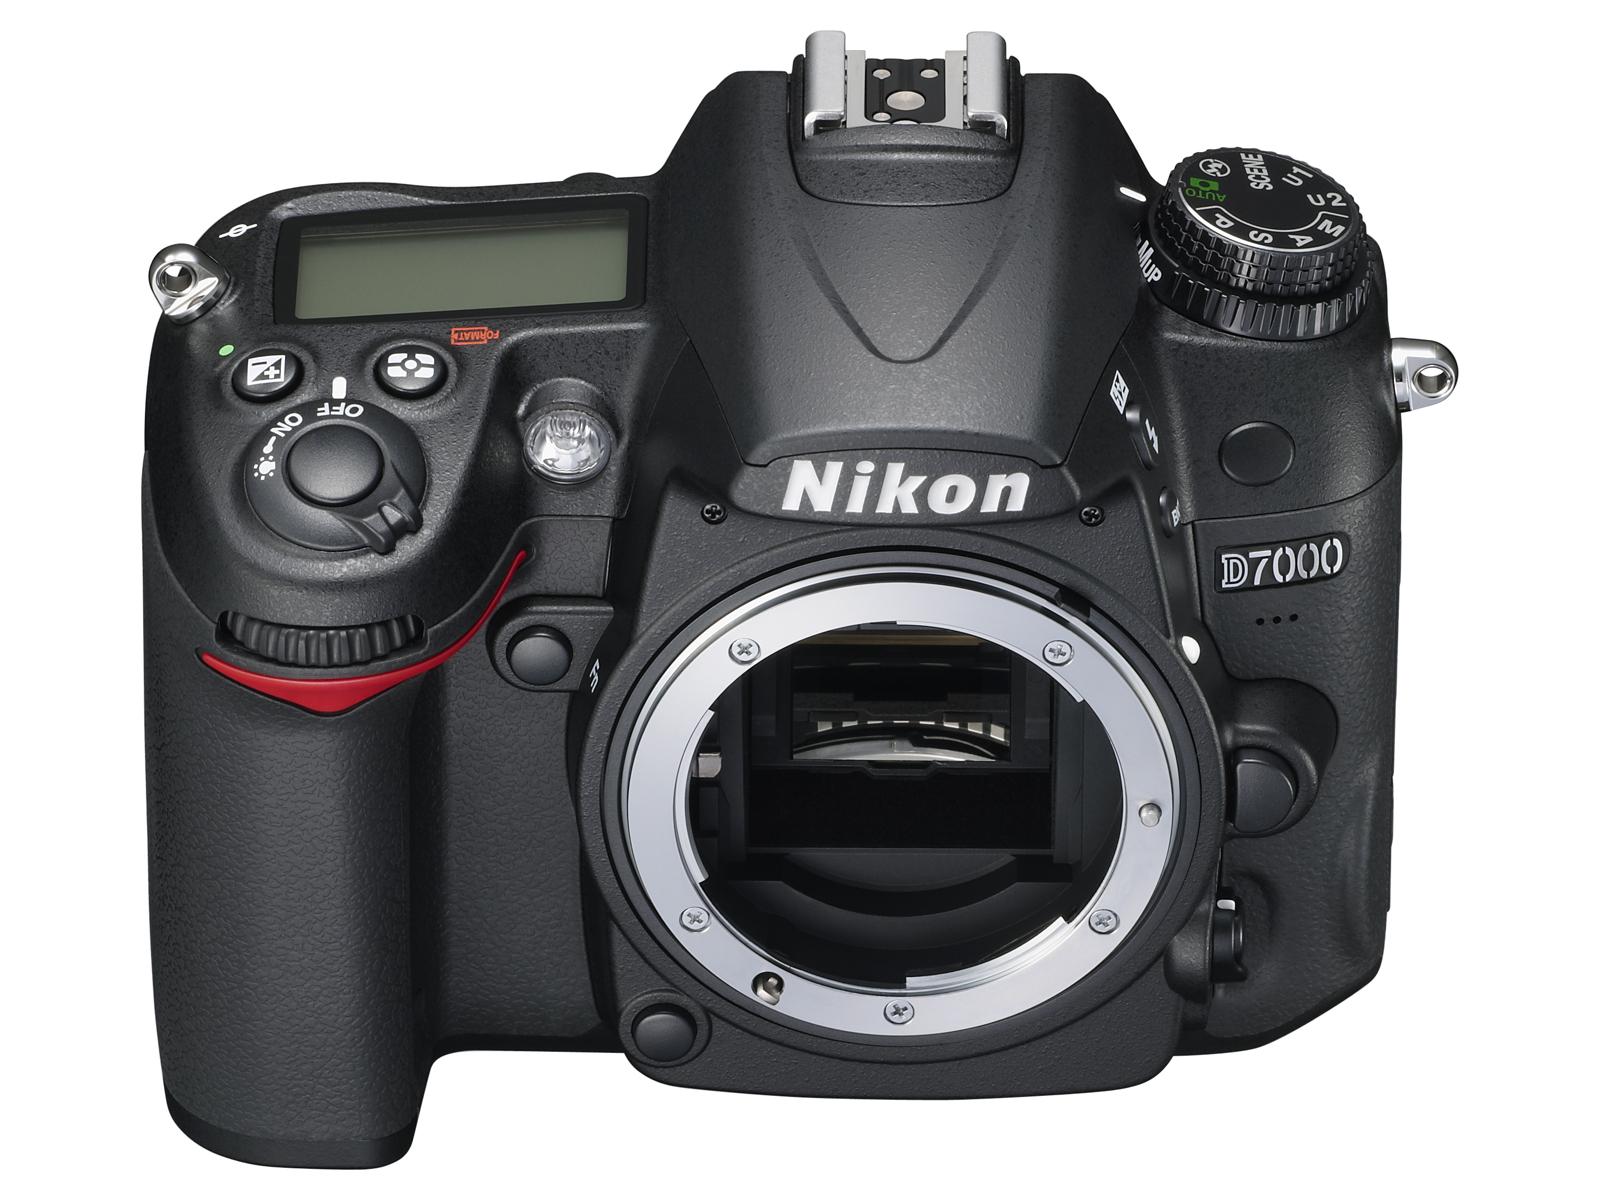 Nikon D7000 - 22